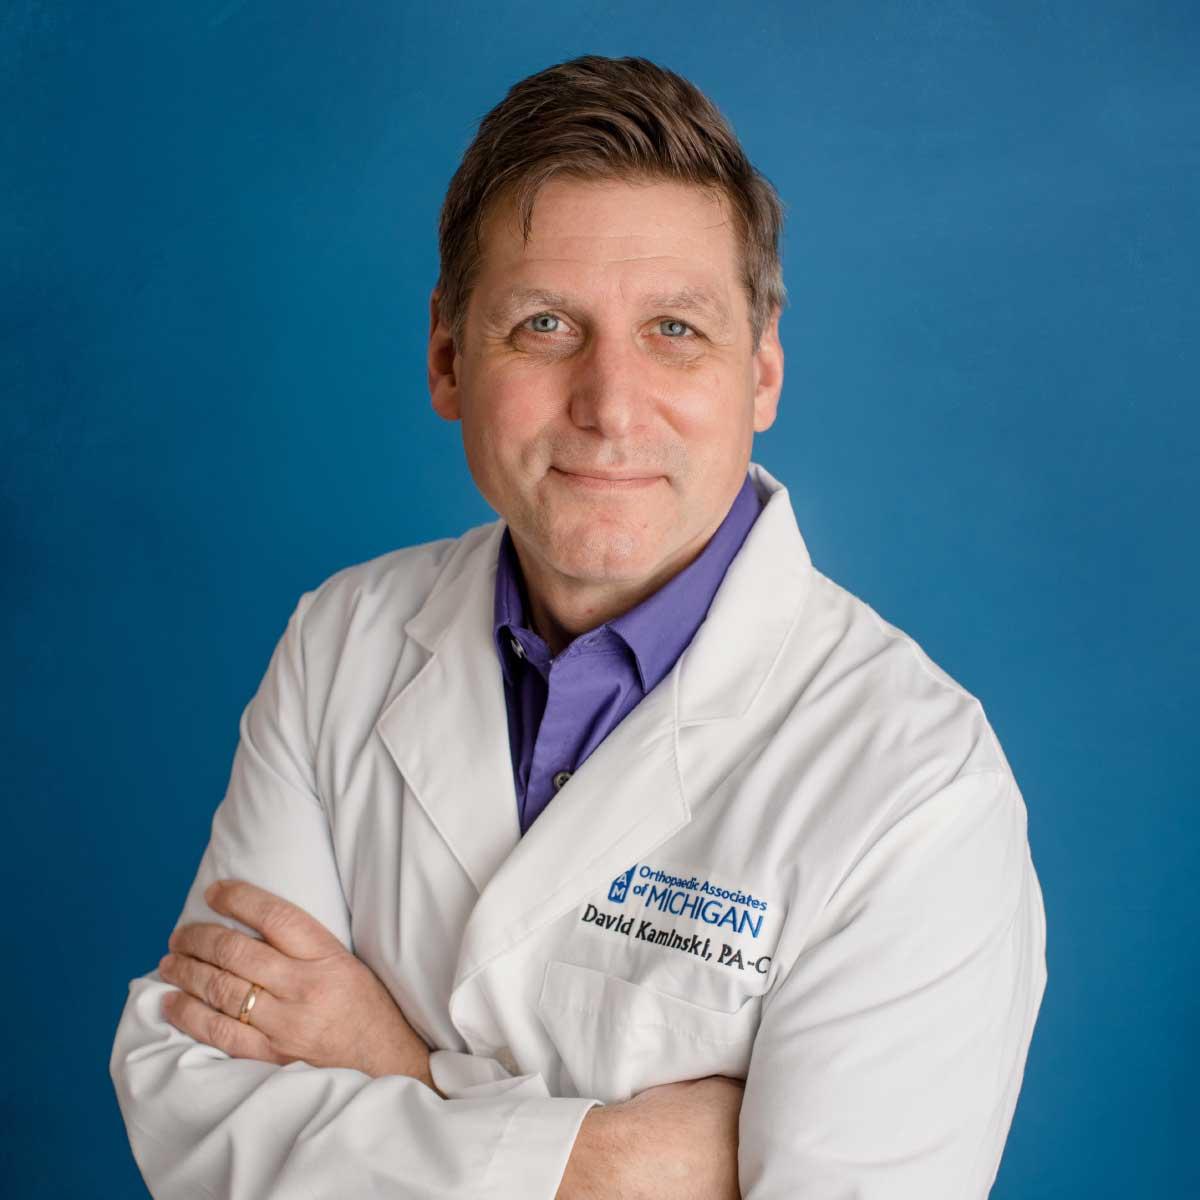 David Kaminski, PA-C